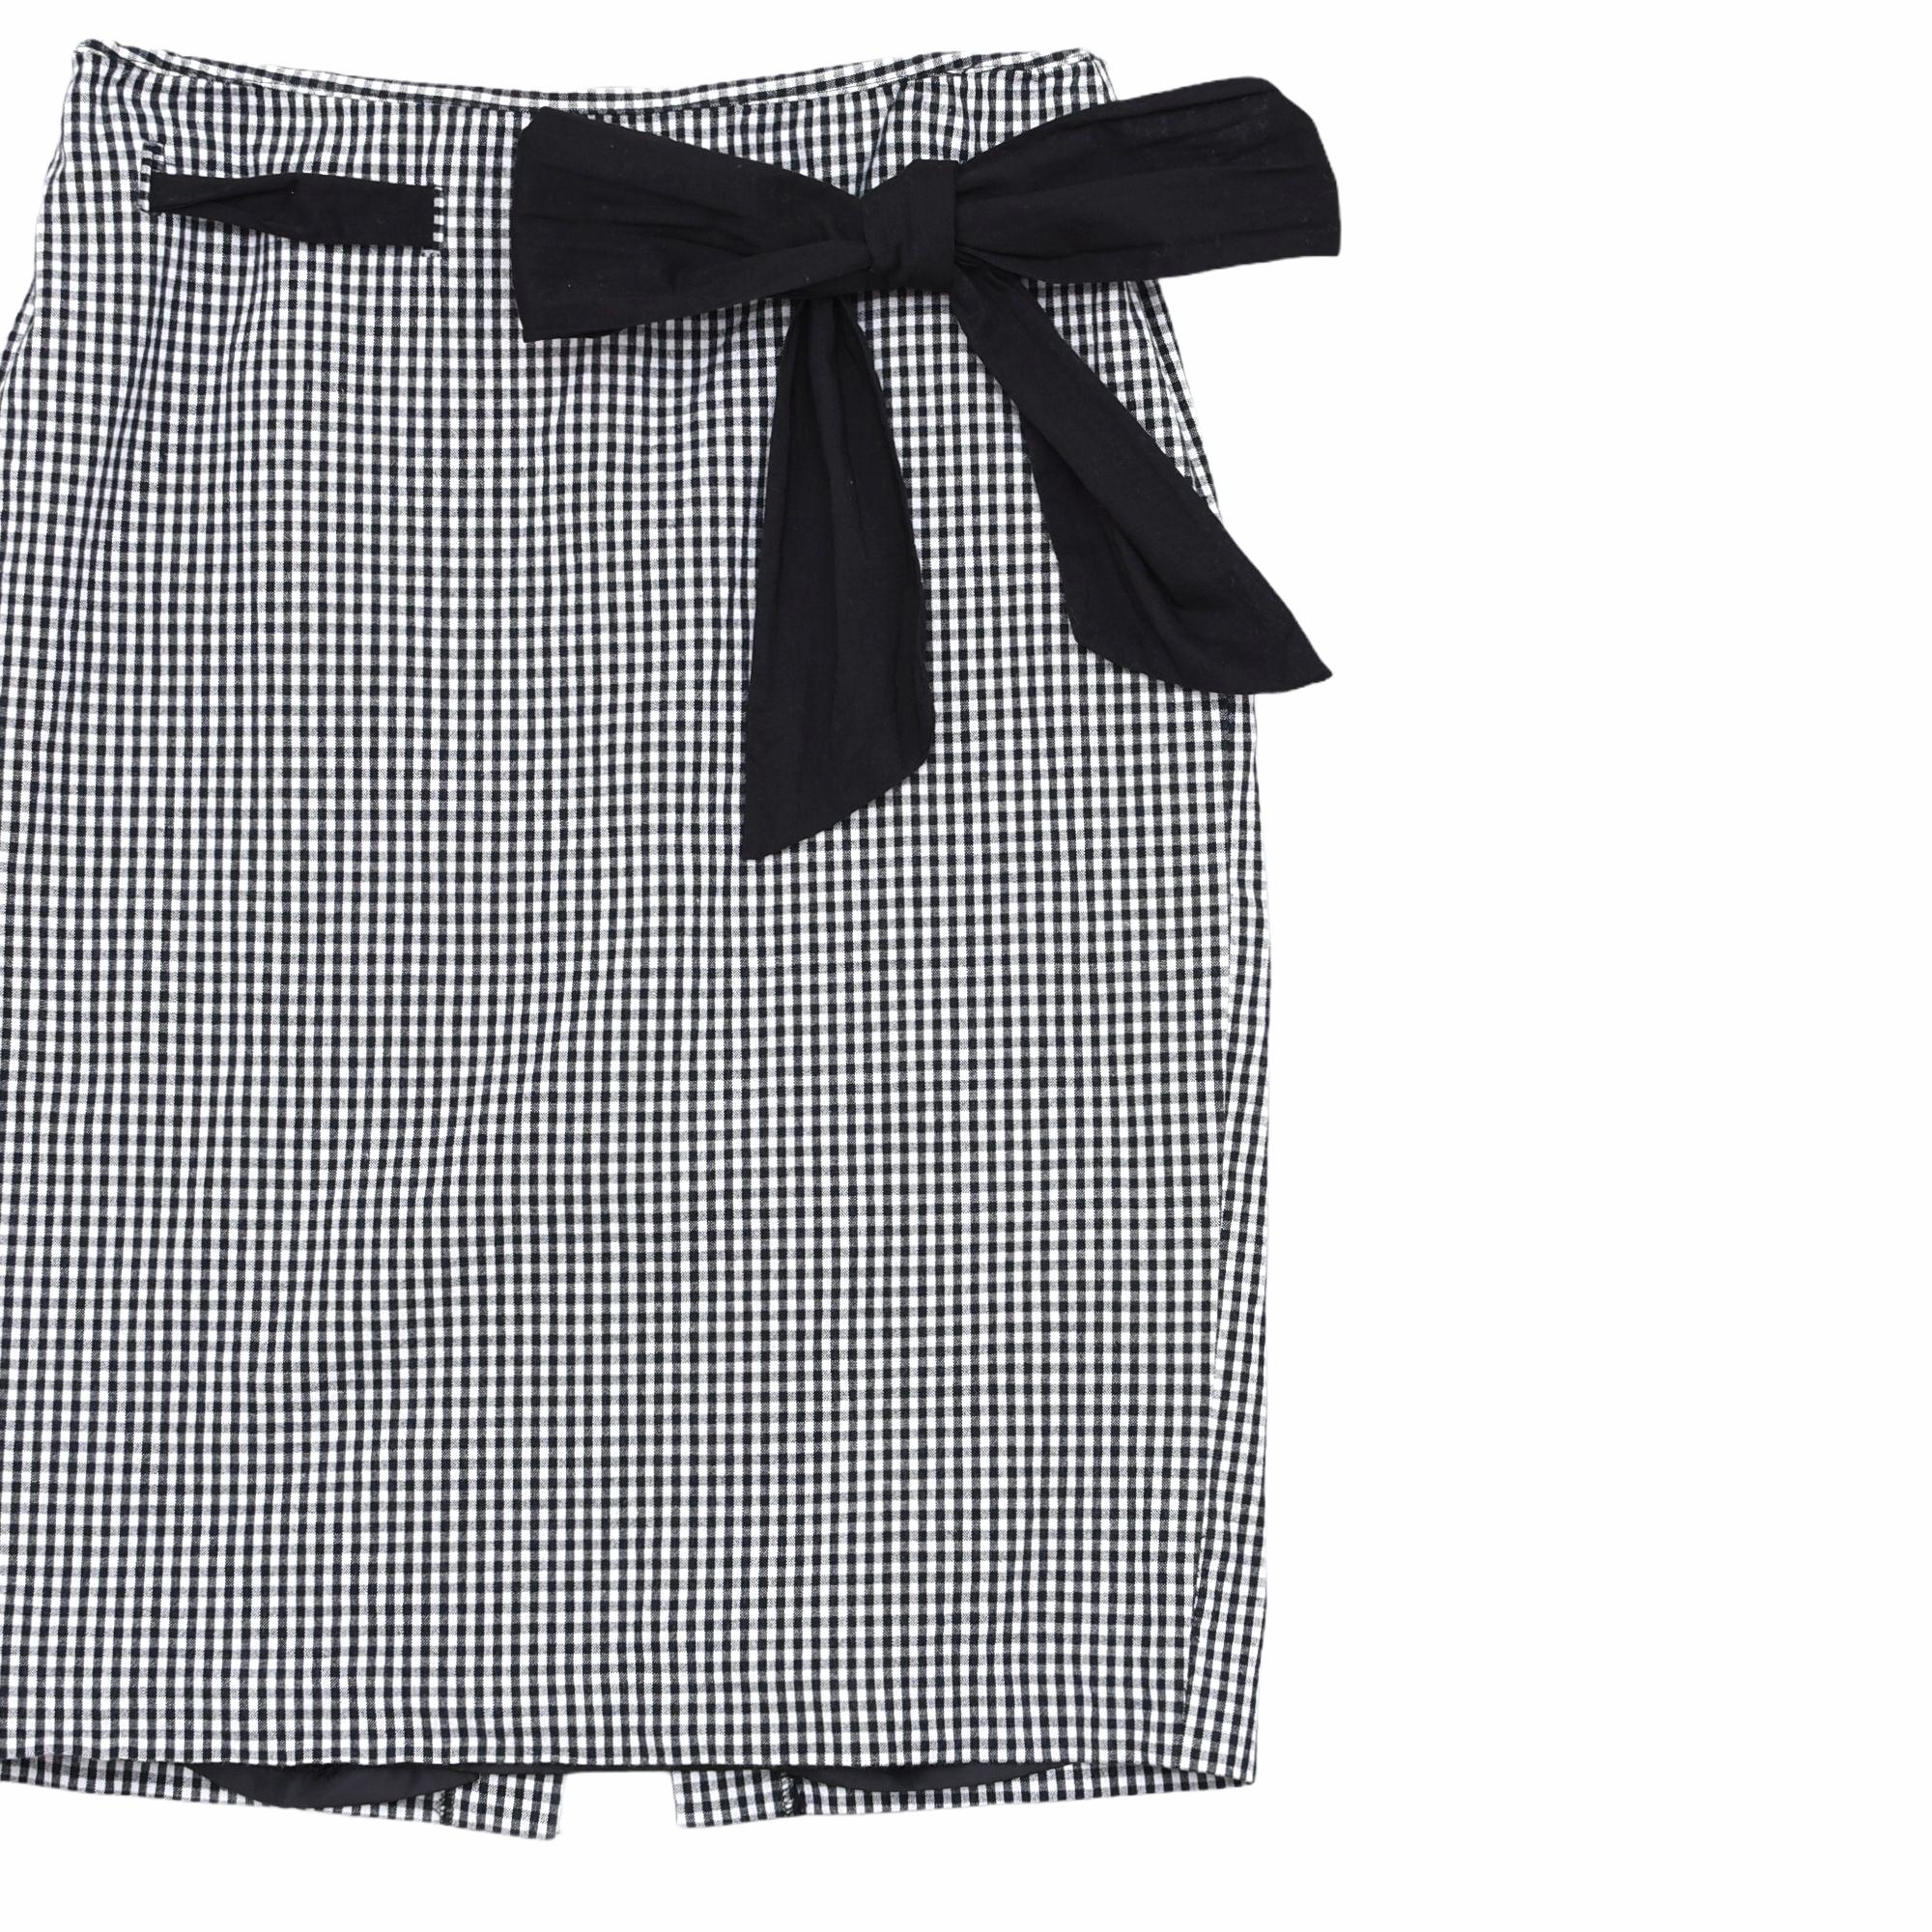 90's KENAR design gingham check skirt